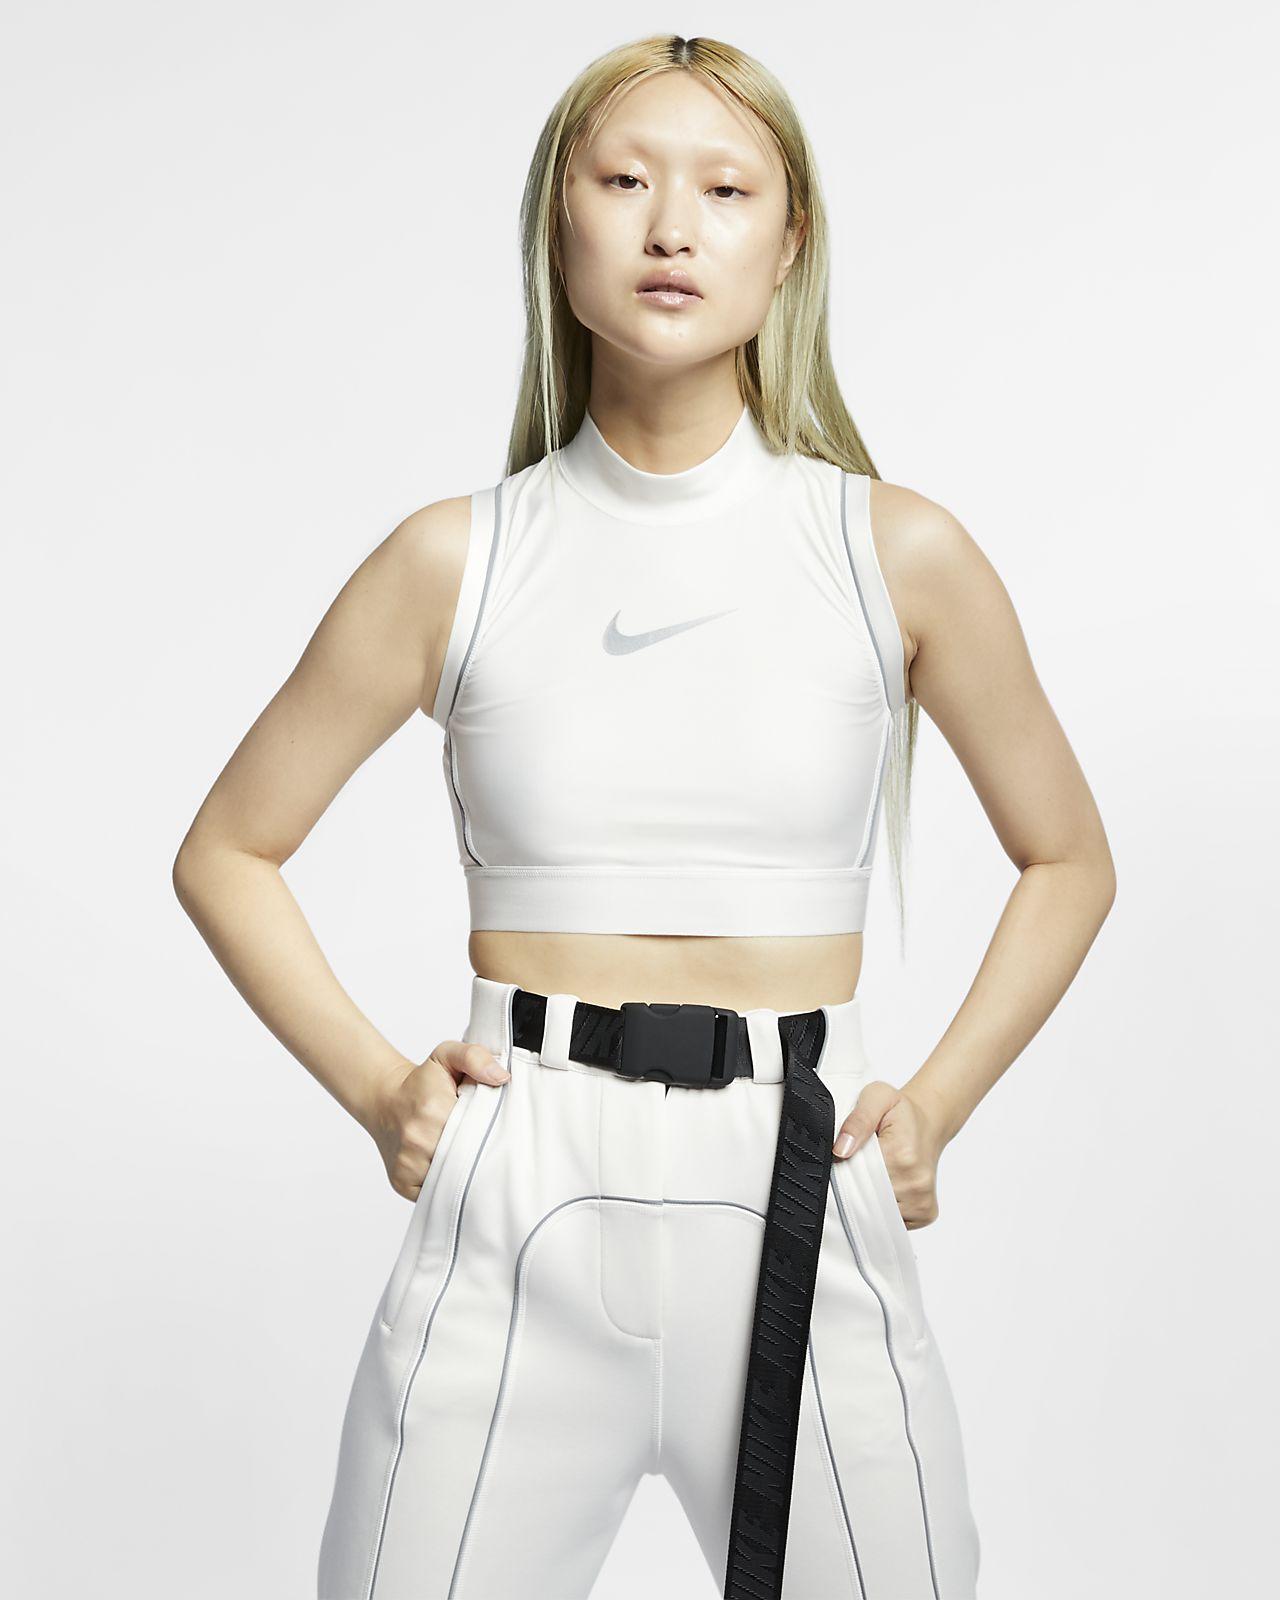 เสื้อเอวลอยผู้หญิง Nike x Ambush